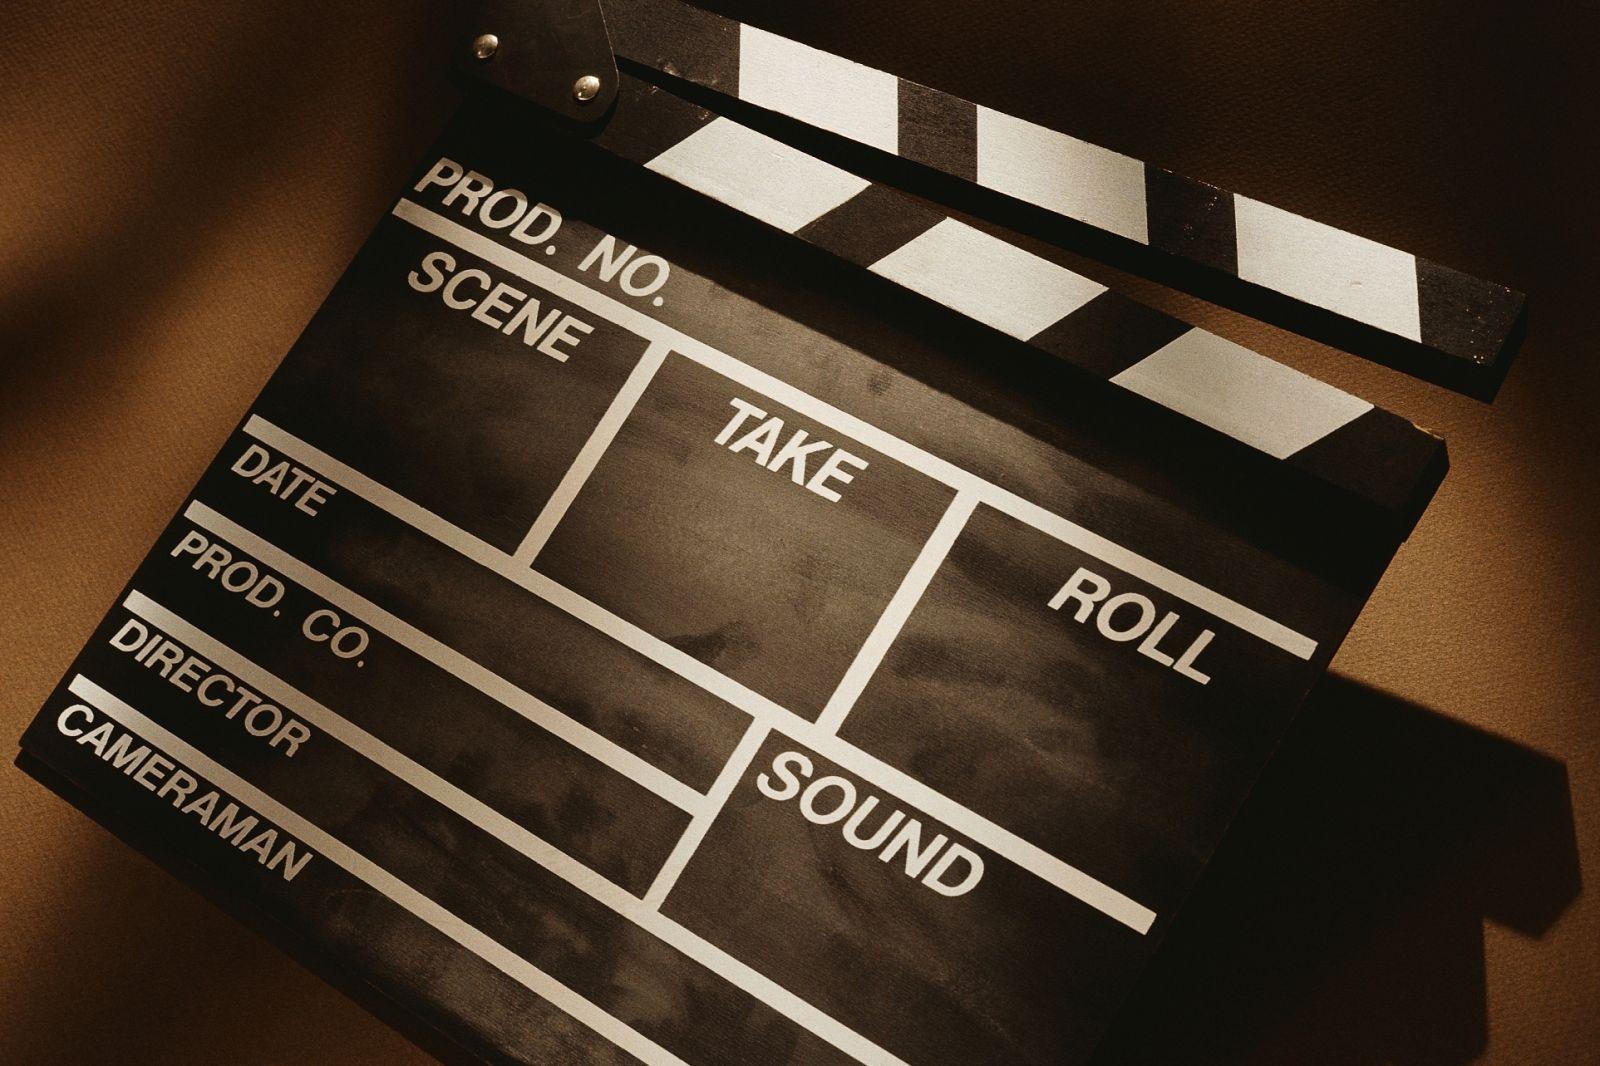 Держкіно оголосило прийом заявок на державну підтримку кінофестивалів у 2018 році